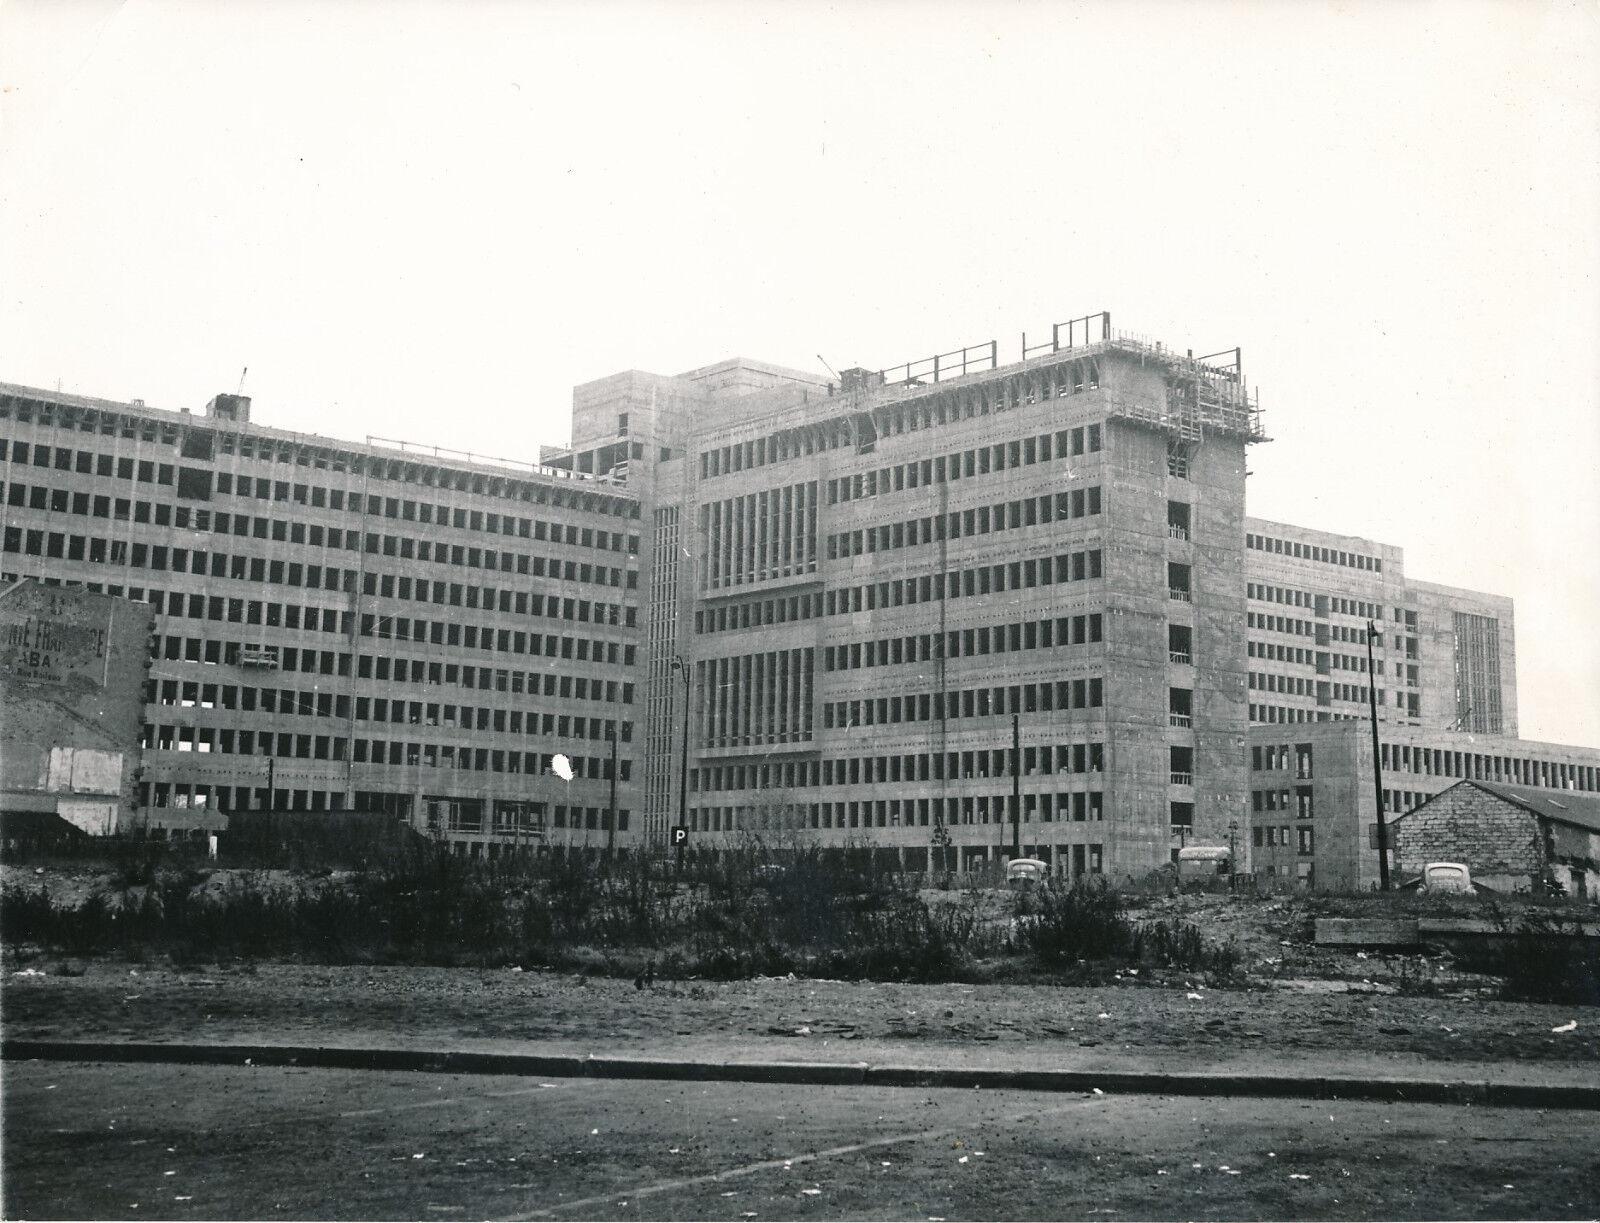 NANTES c. 1950 -  La Faculté et l'Hôpital  Loire-Atlantique  - Div 7874